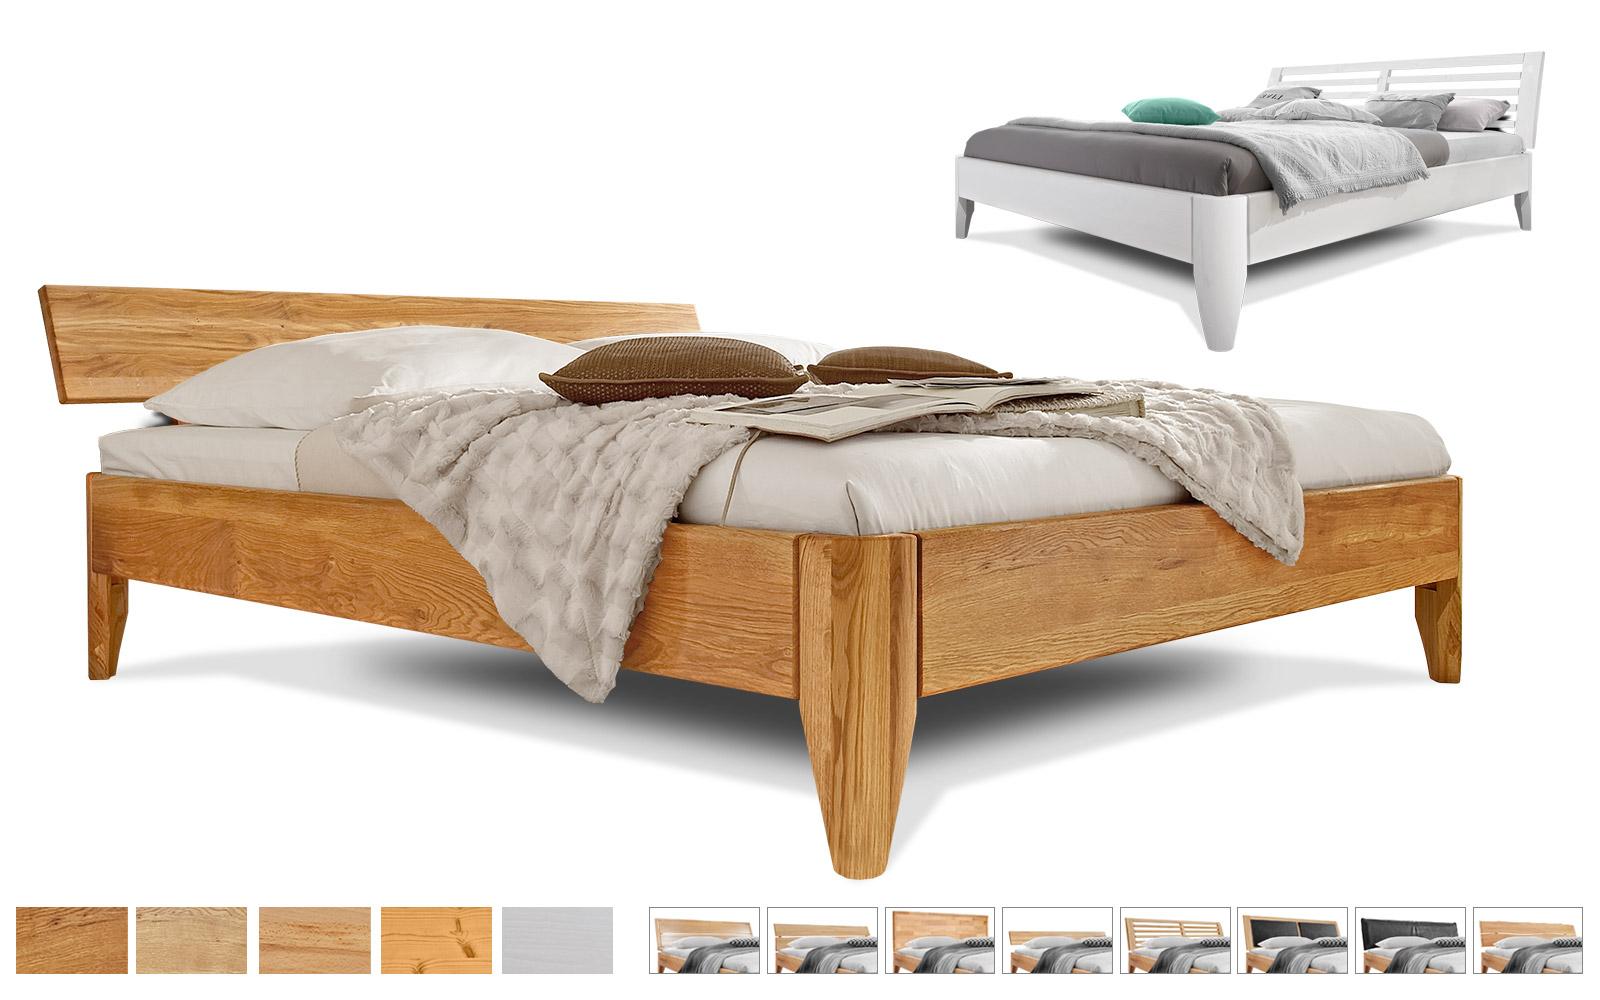 Full Size of Bett 200x200 Komforthöhe Ebay Betten Grau Weiß 160x200 Tojo Baza Sofa Mit Bettfunktion Frankfurt Hohes Bettkasten Breite Aufbewahrung Breit Massiv Bett Bett 200x200 Komforthöhe